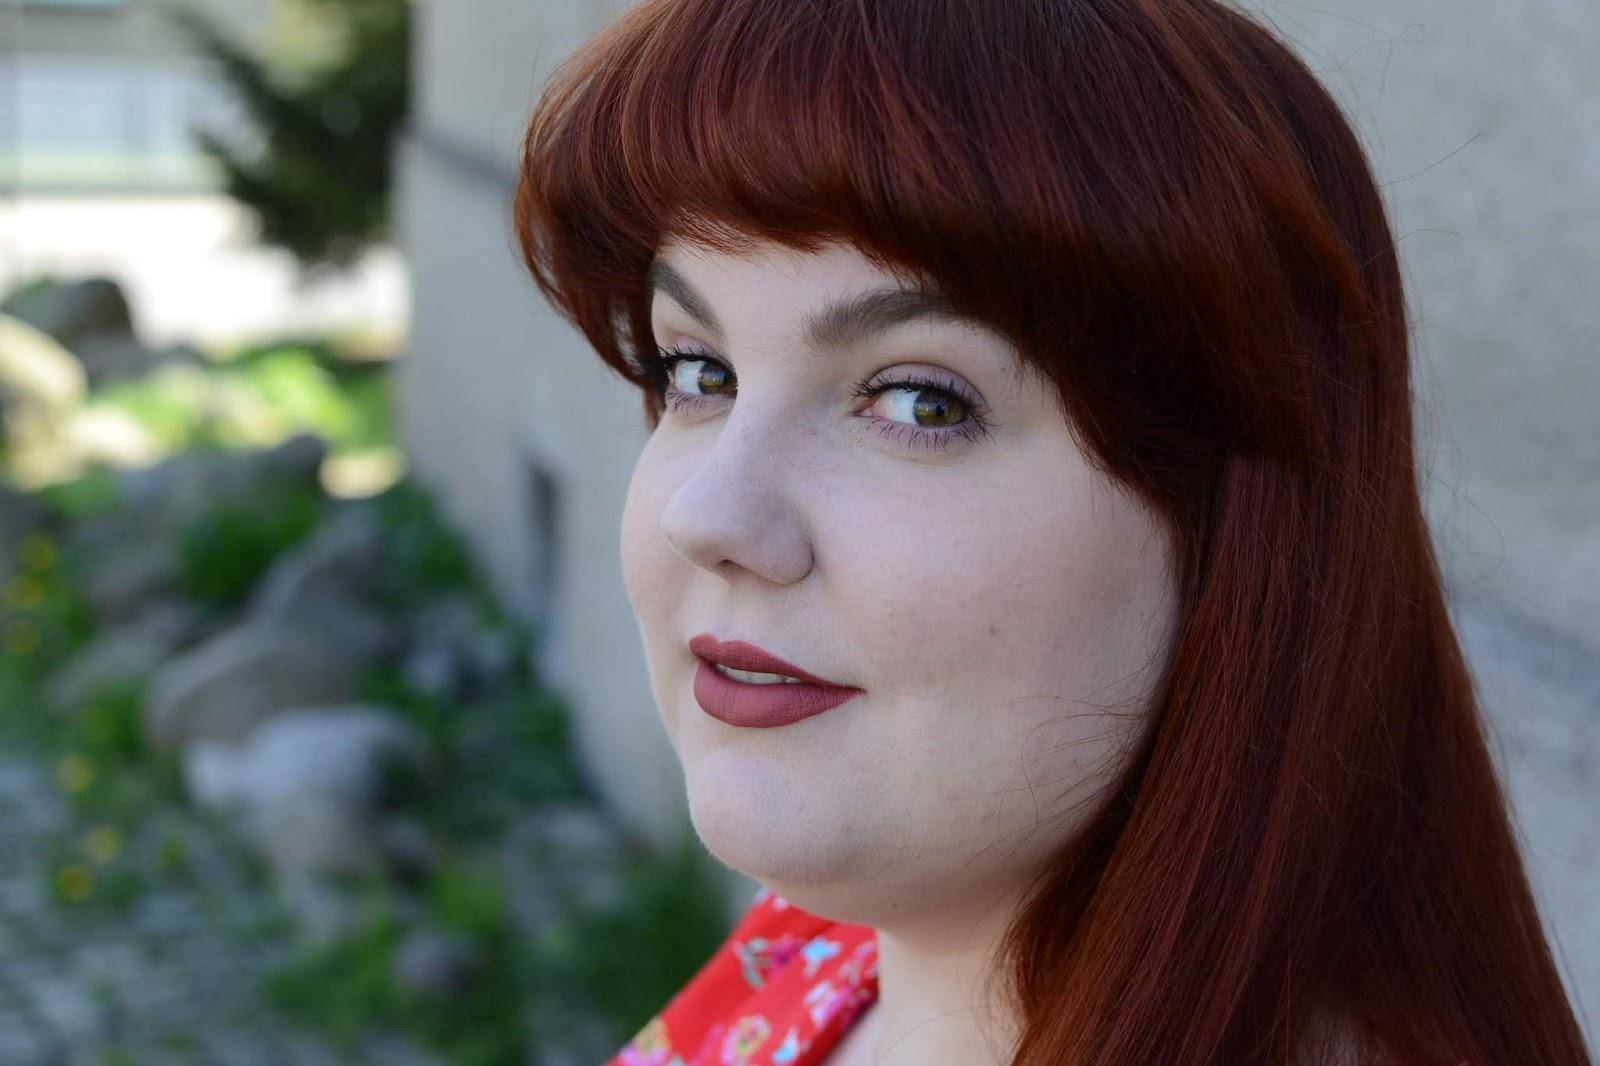 Sproszkowany hibiskus - nasz naturalny sposób na wypadające włosy i problematyczną skórę głowy